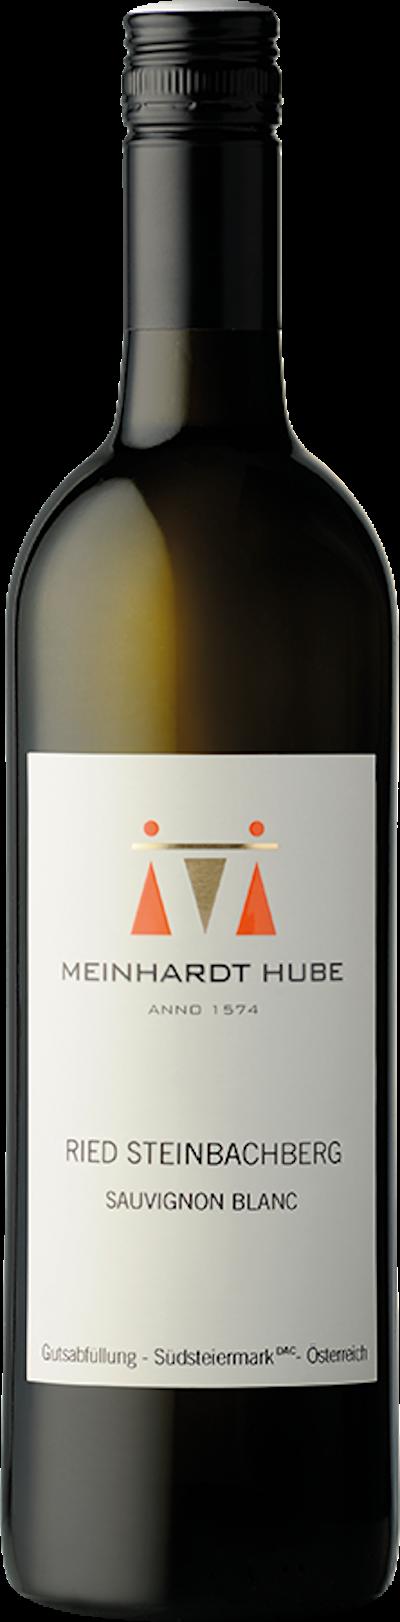 Meinhardt Hube - Sauvignon Blanc Steinbachberg